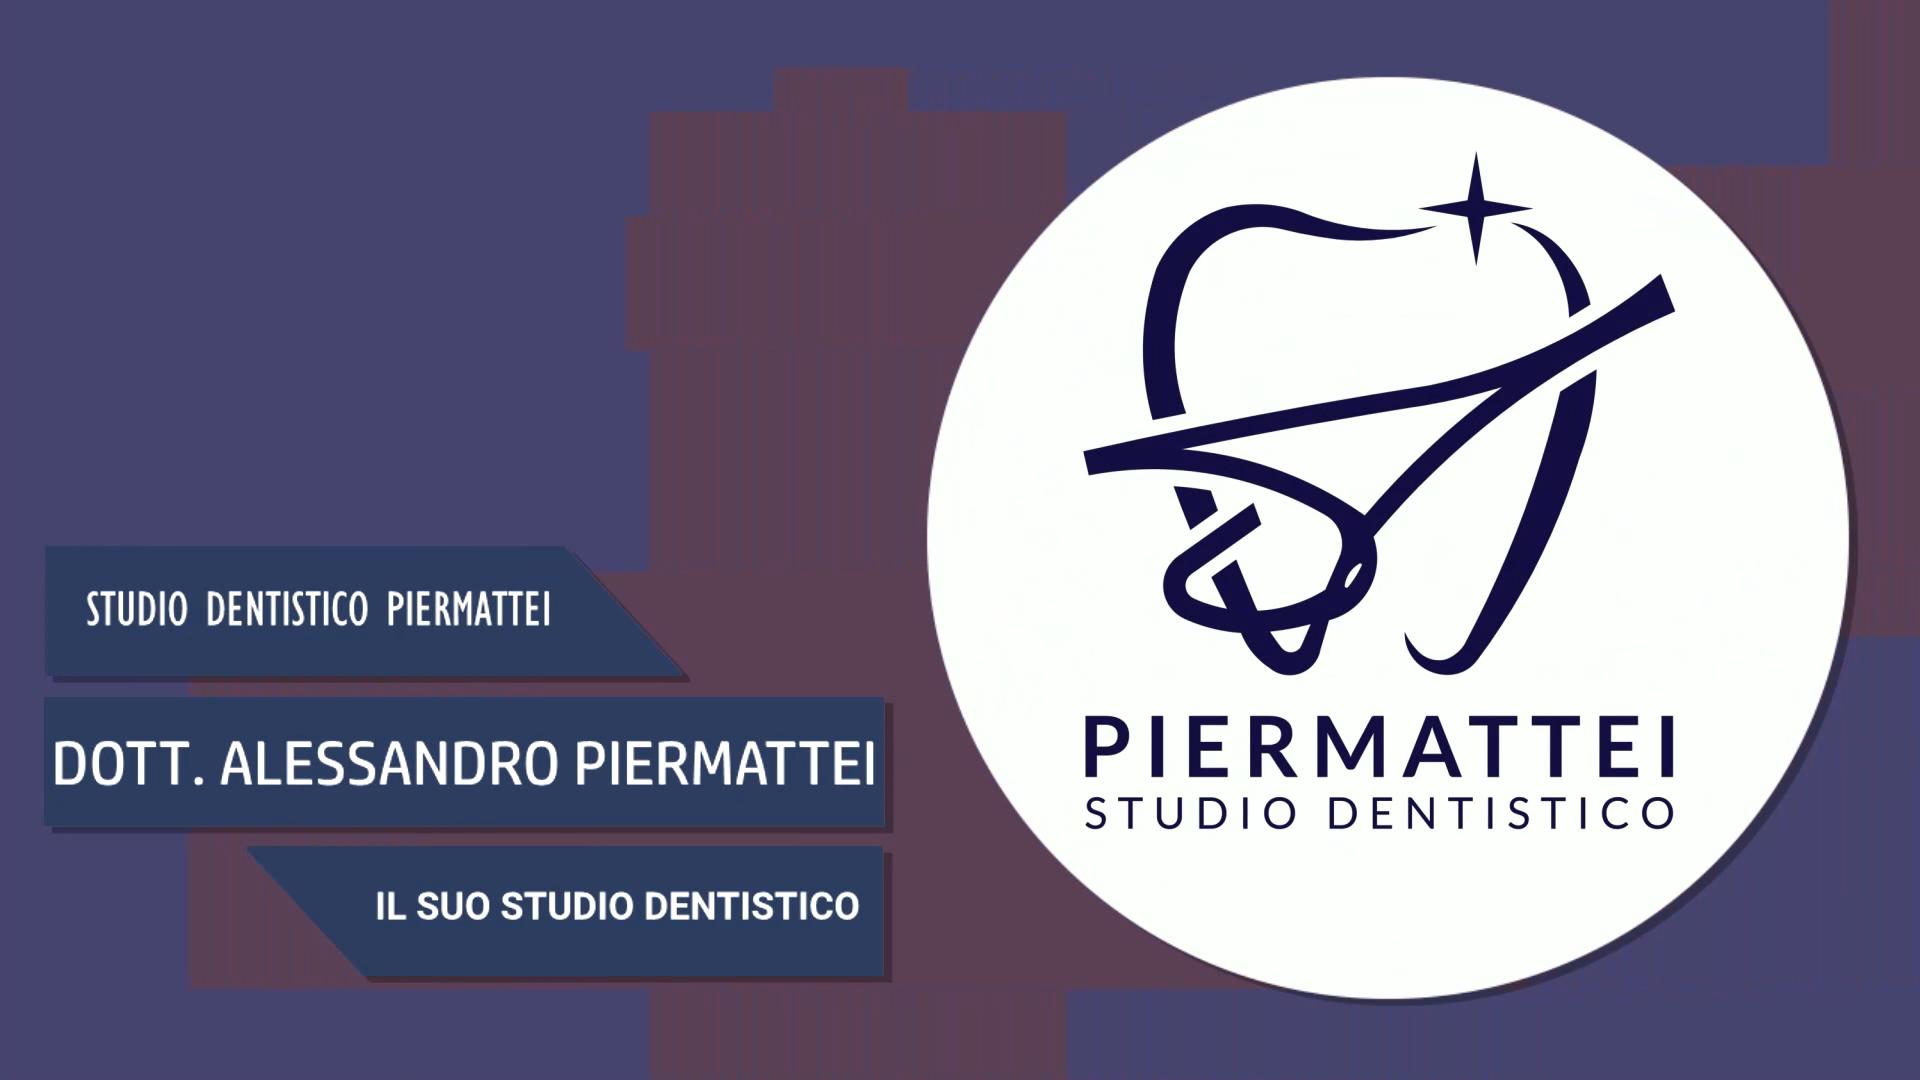 Intervista al Dott. Alessandro Piermattei – Il suo studio dentistico